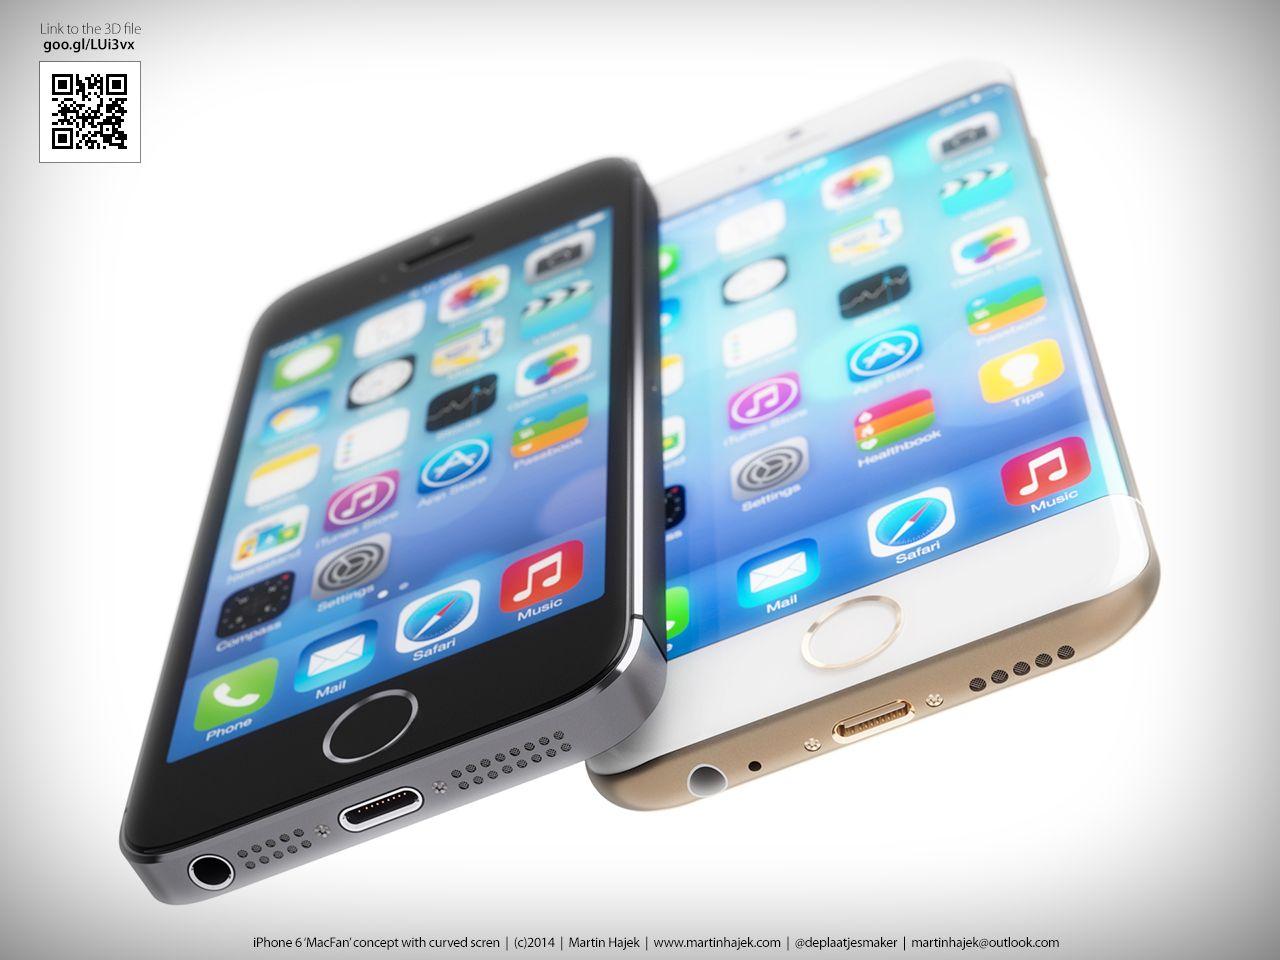 Det har blitt vist frem mange ulike, og like, designforslag til hvordan neste epletelefon kan se ut. Dette er ett av dem ...Foto: www.martinhajek.com